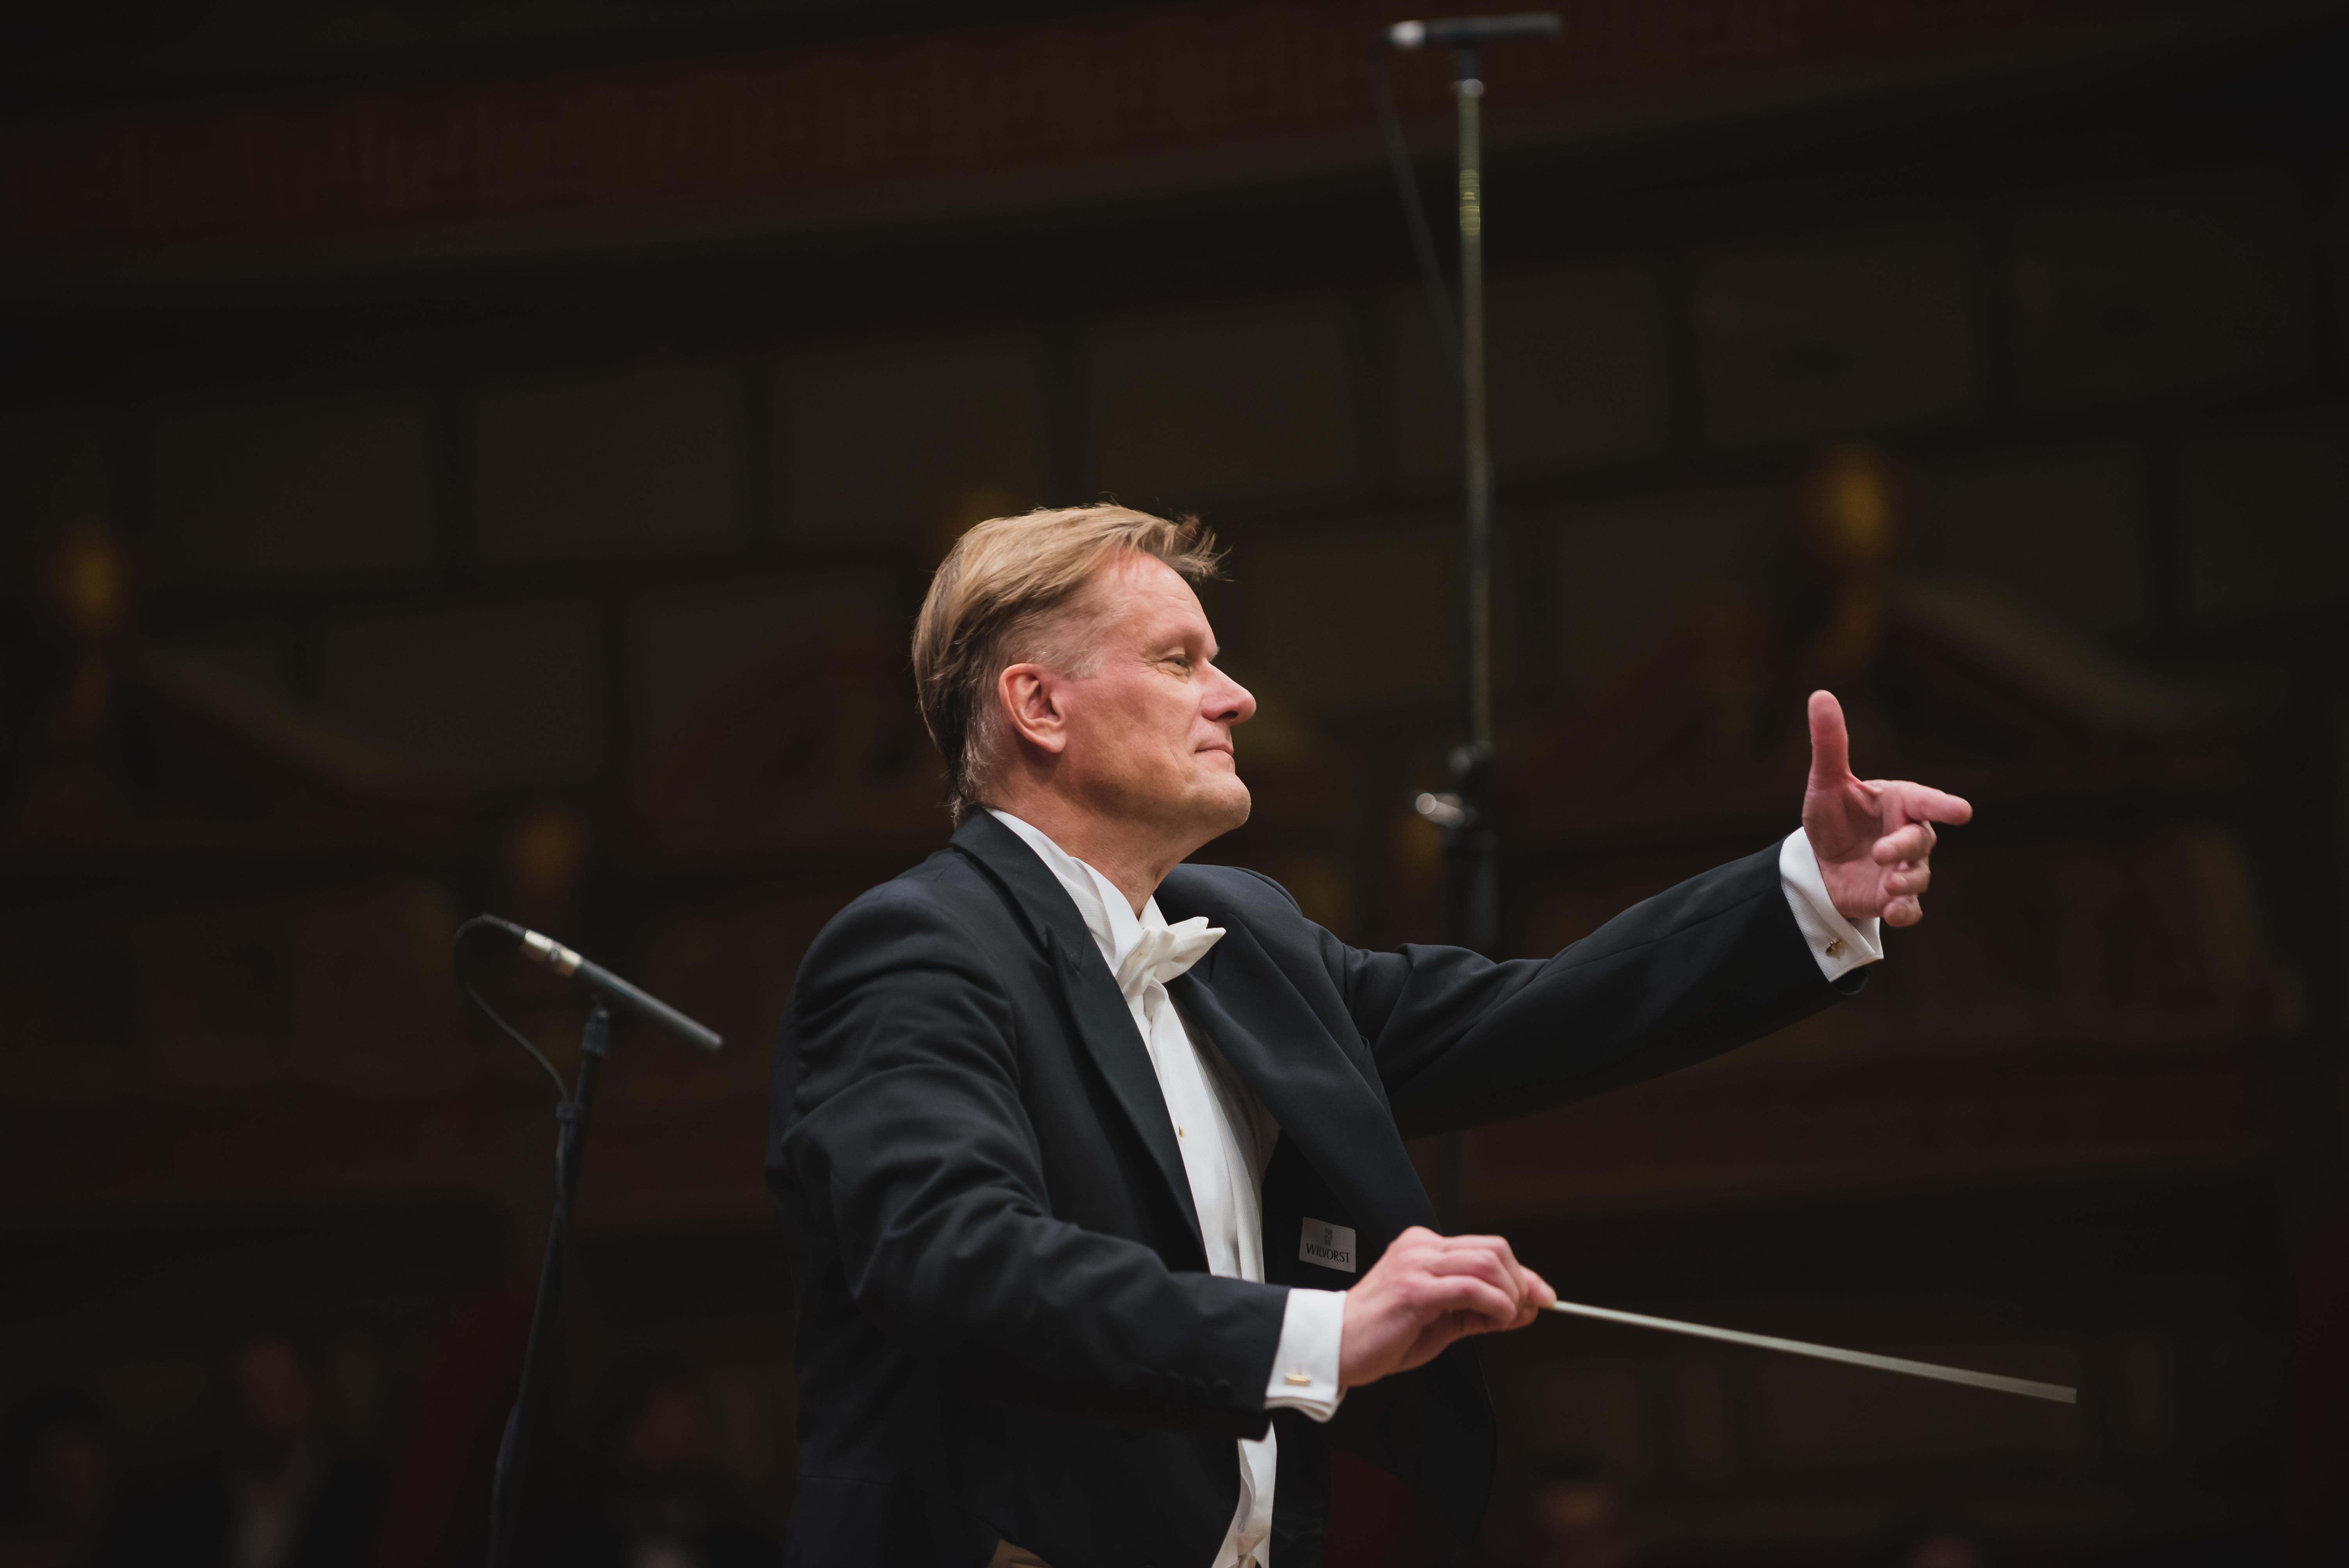 Stefan Willich Maischberger